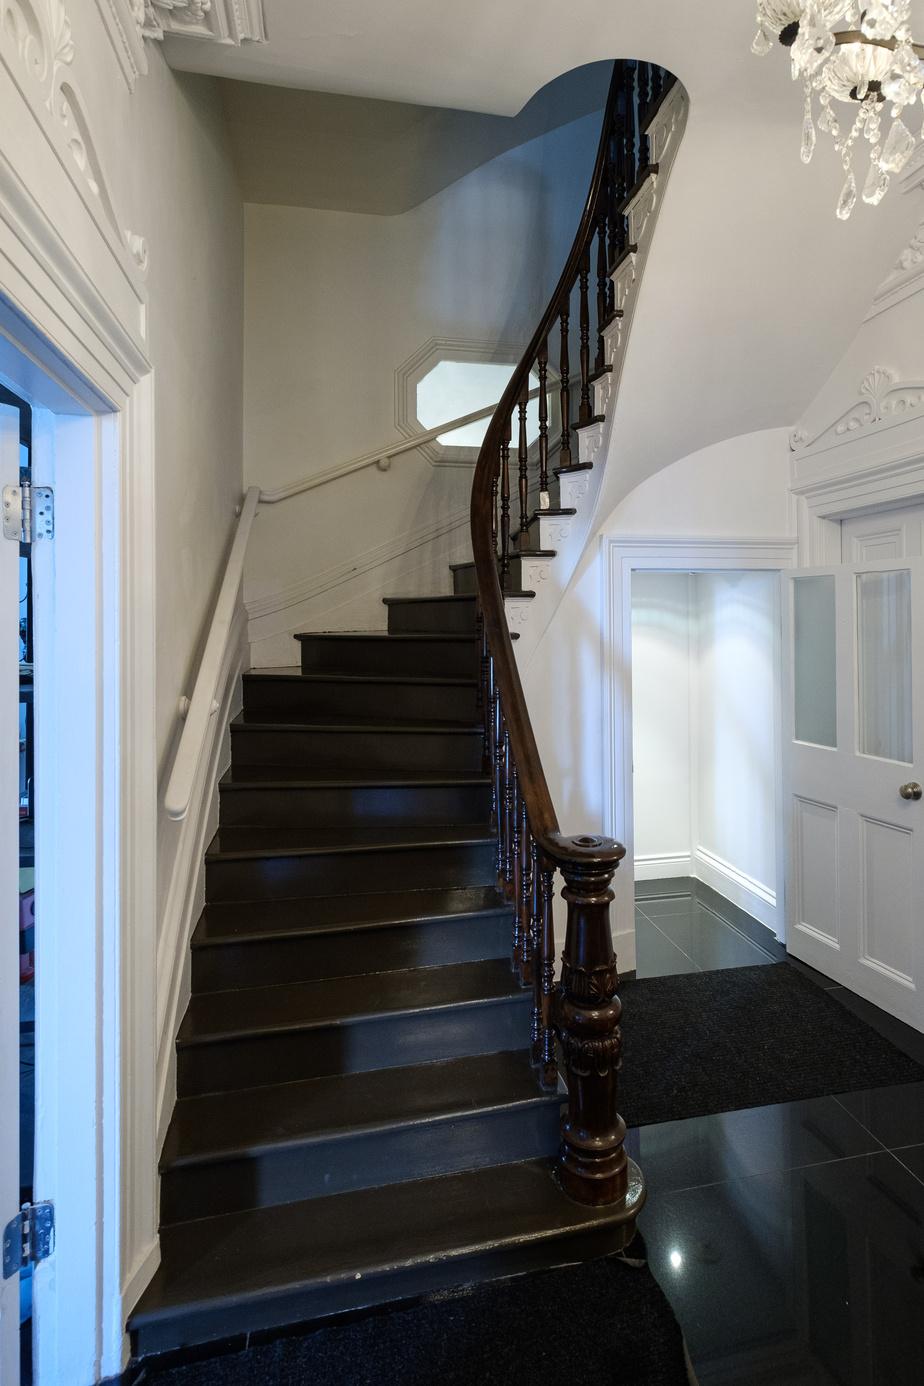 Le manoir de 8900pi2 comporte quatre niveaux. L'escalier mène de surprise en surprise.